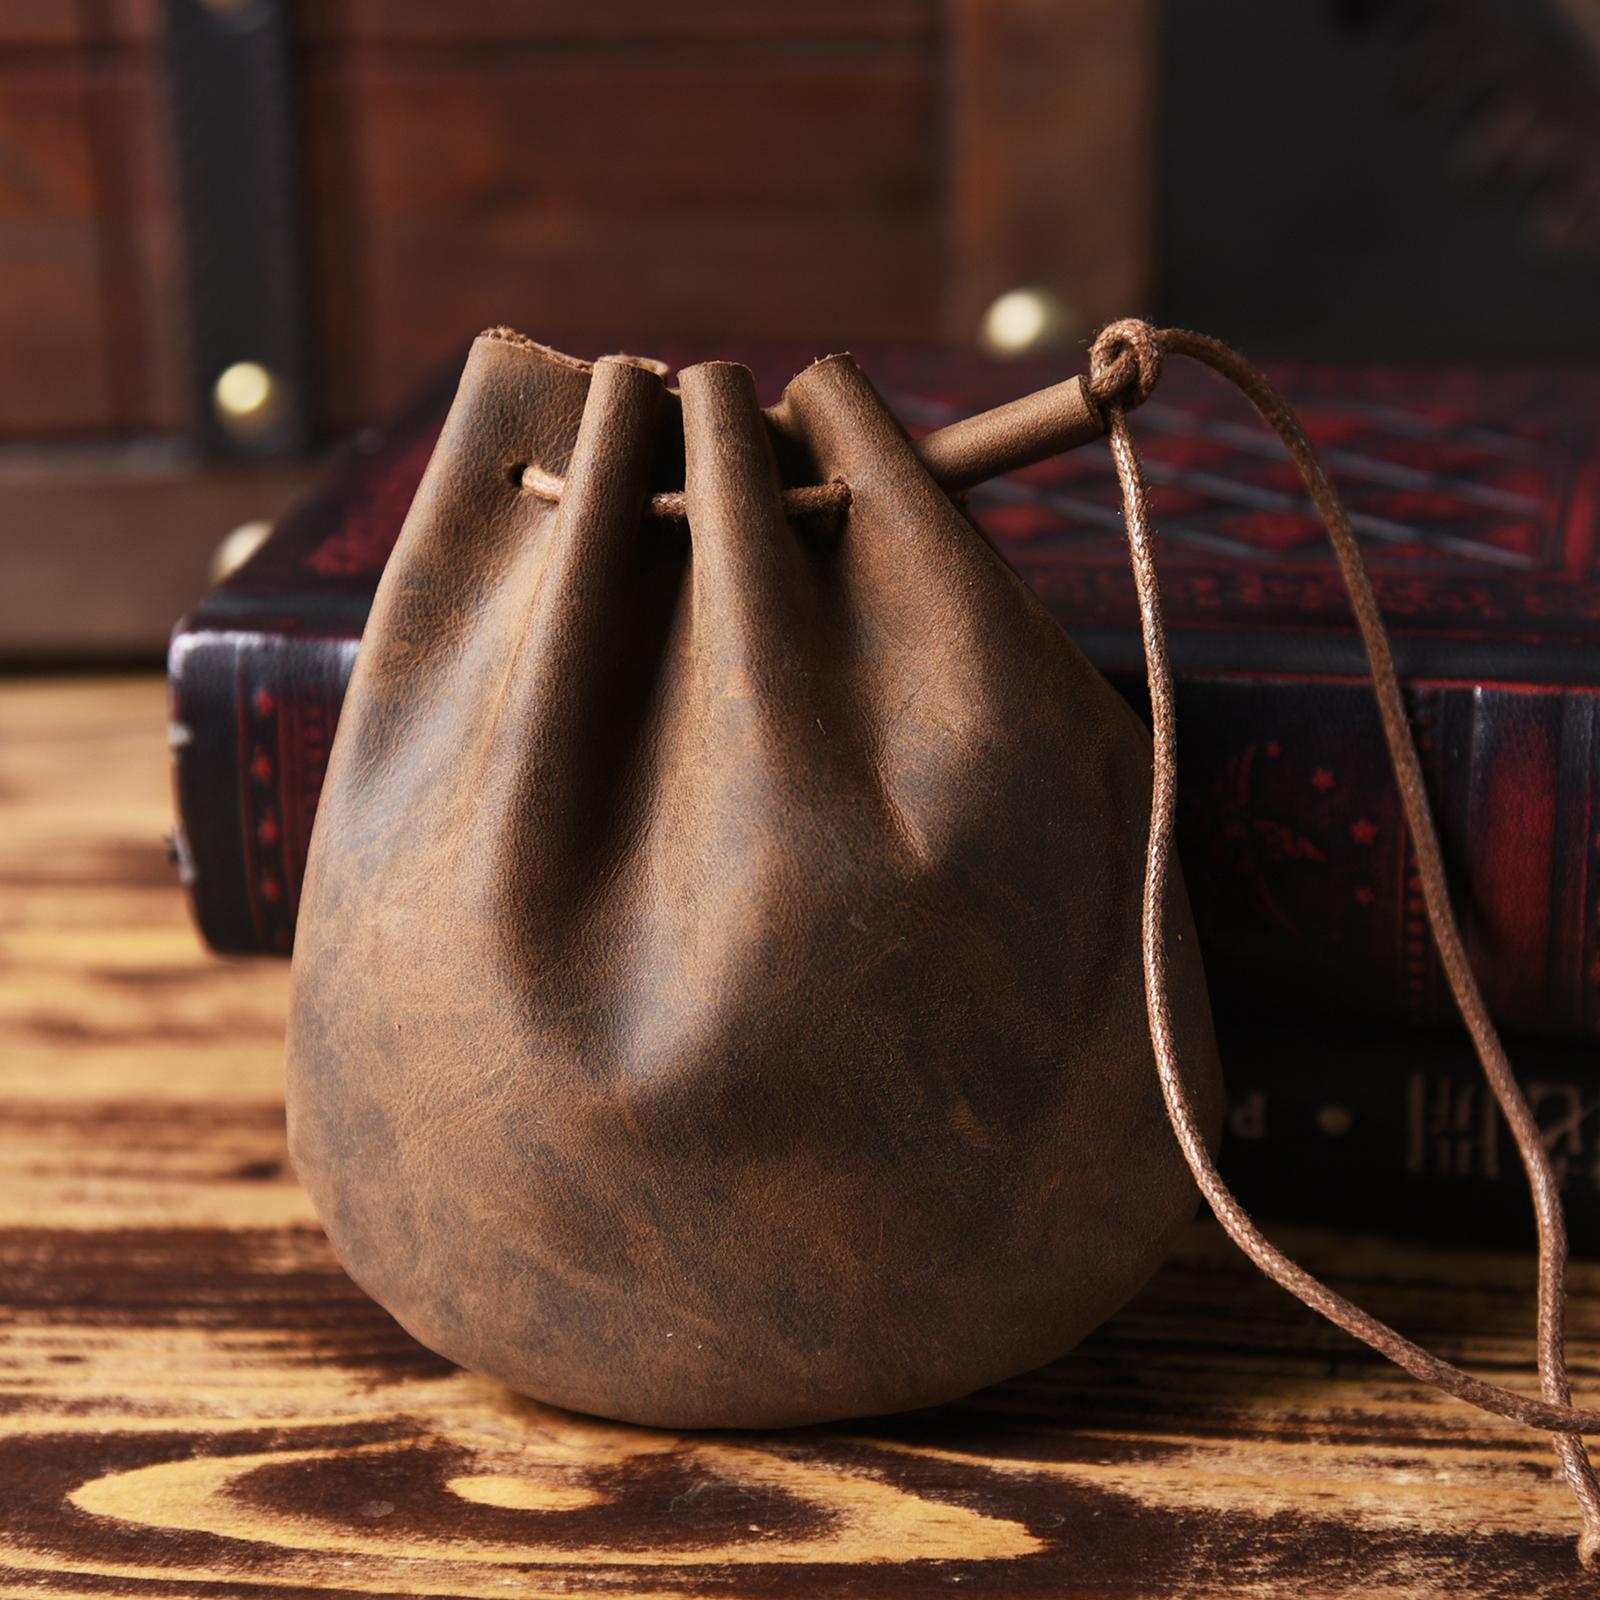 手工制作复古疯马牛皮零钱包真皮怀旧风硬币包纯皮抽绳束口收纳袋